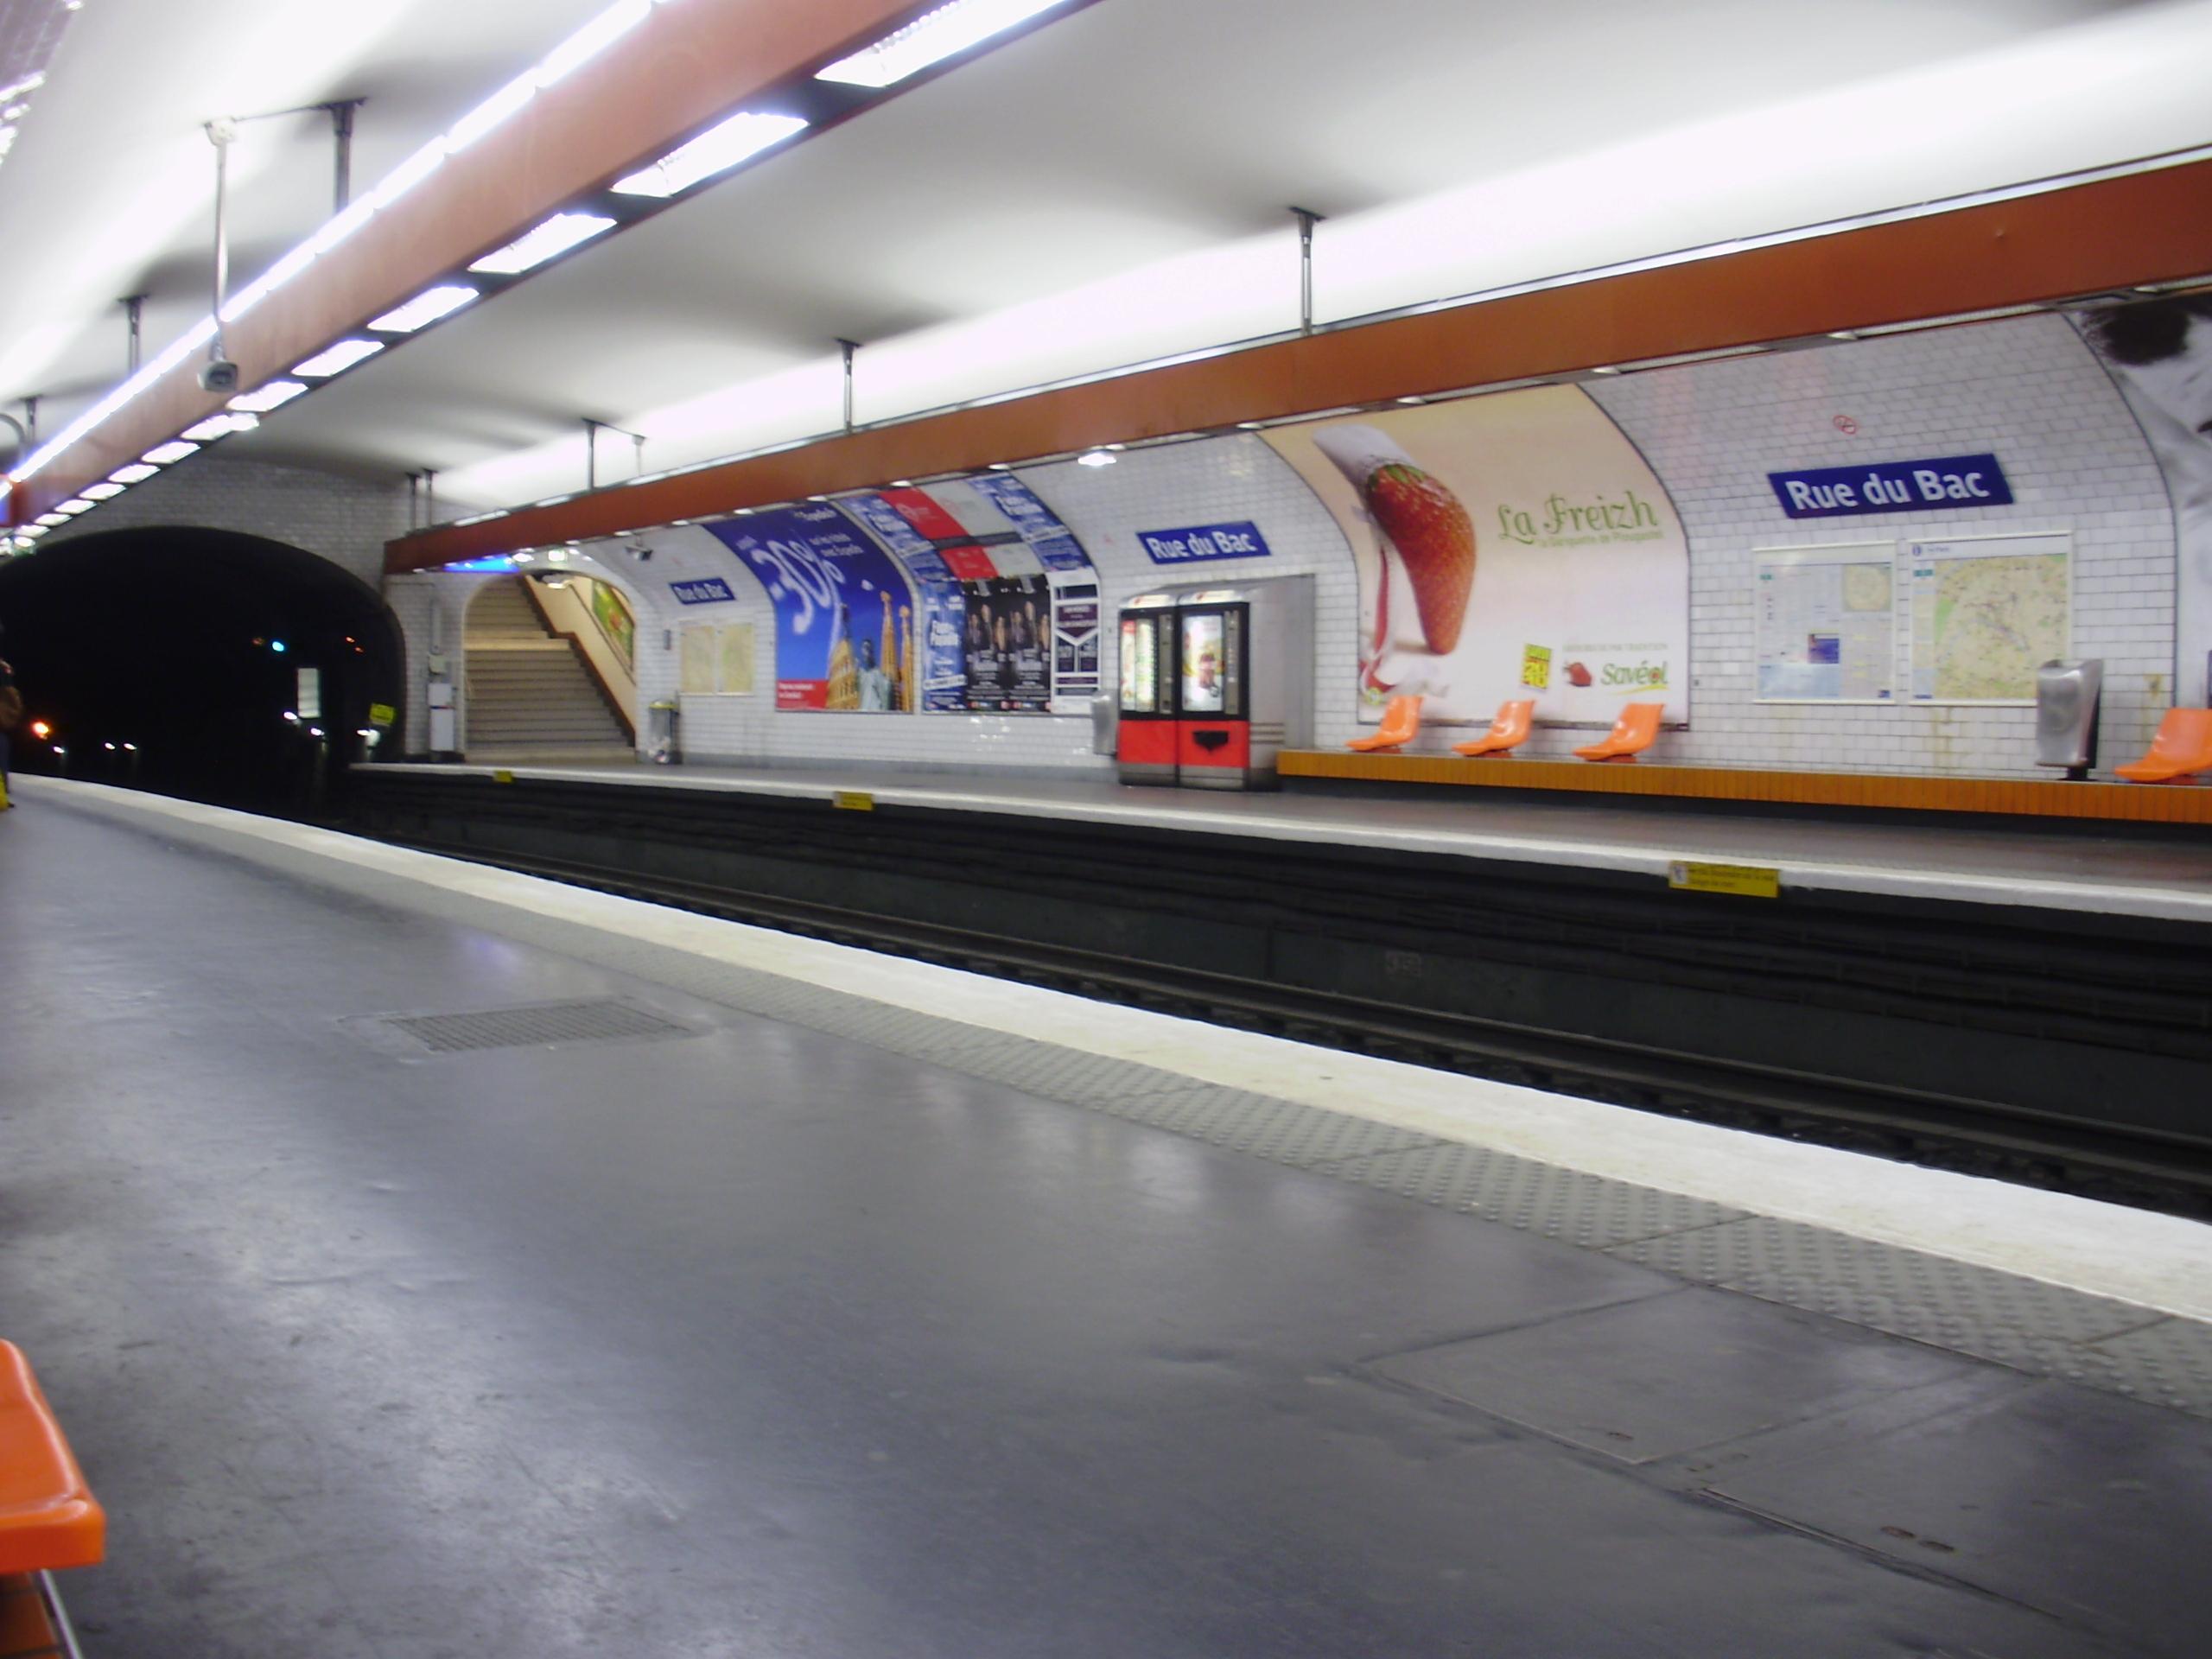 Rue du Bac (stanice metra v Paříži)